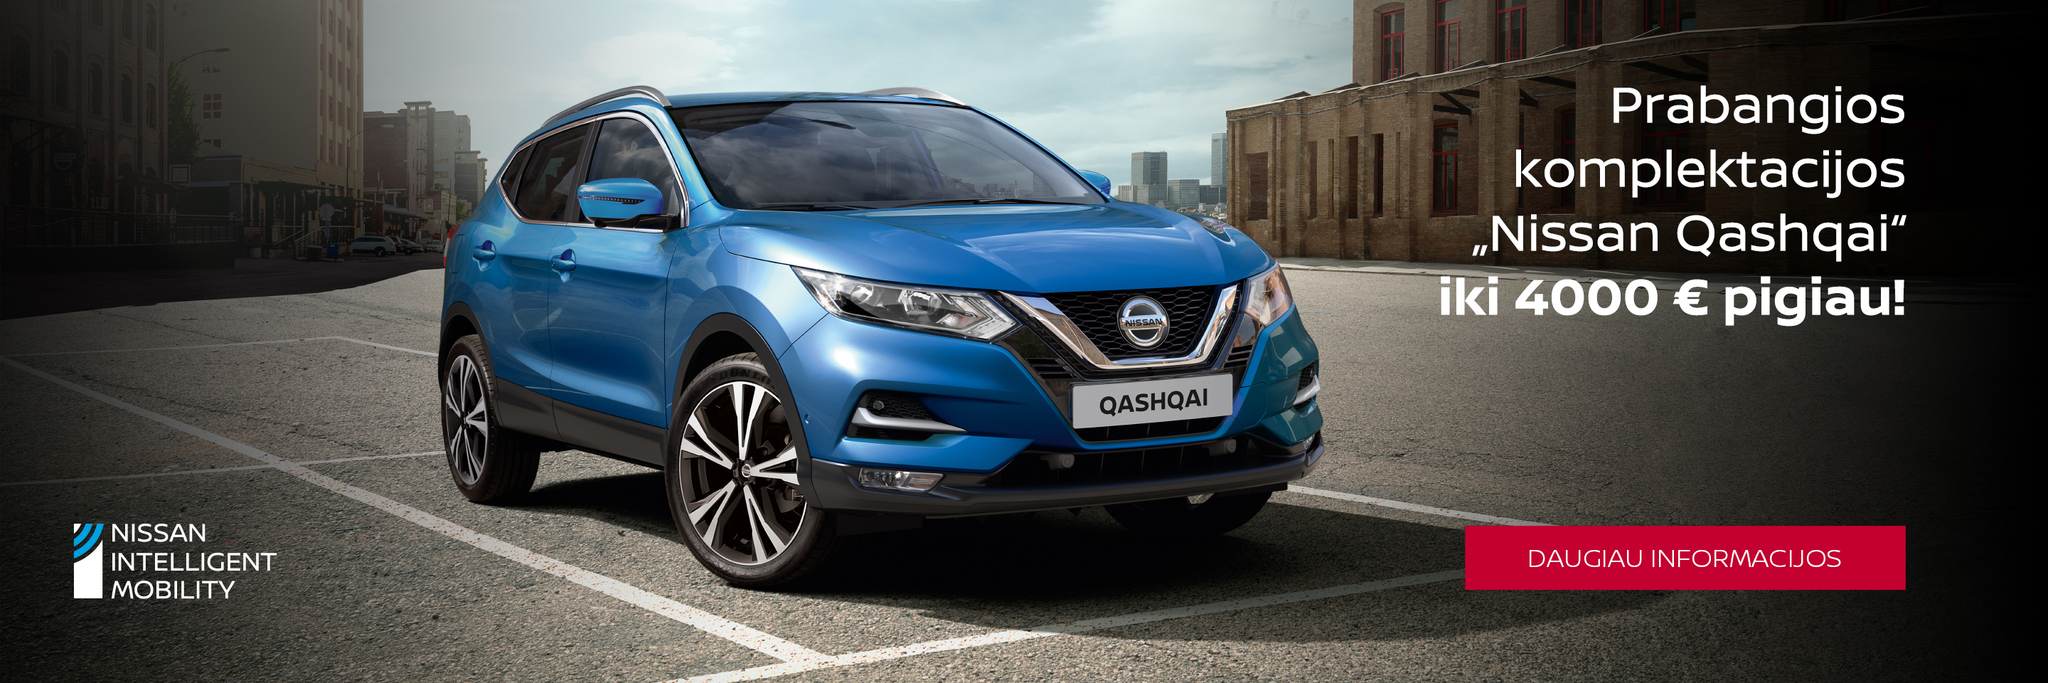 Nissan Qashqai nuolaidos iki 4000 €